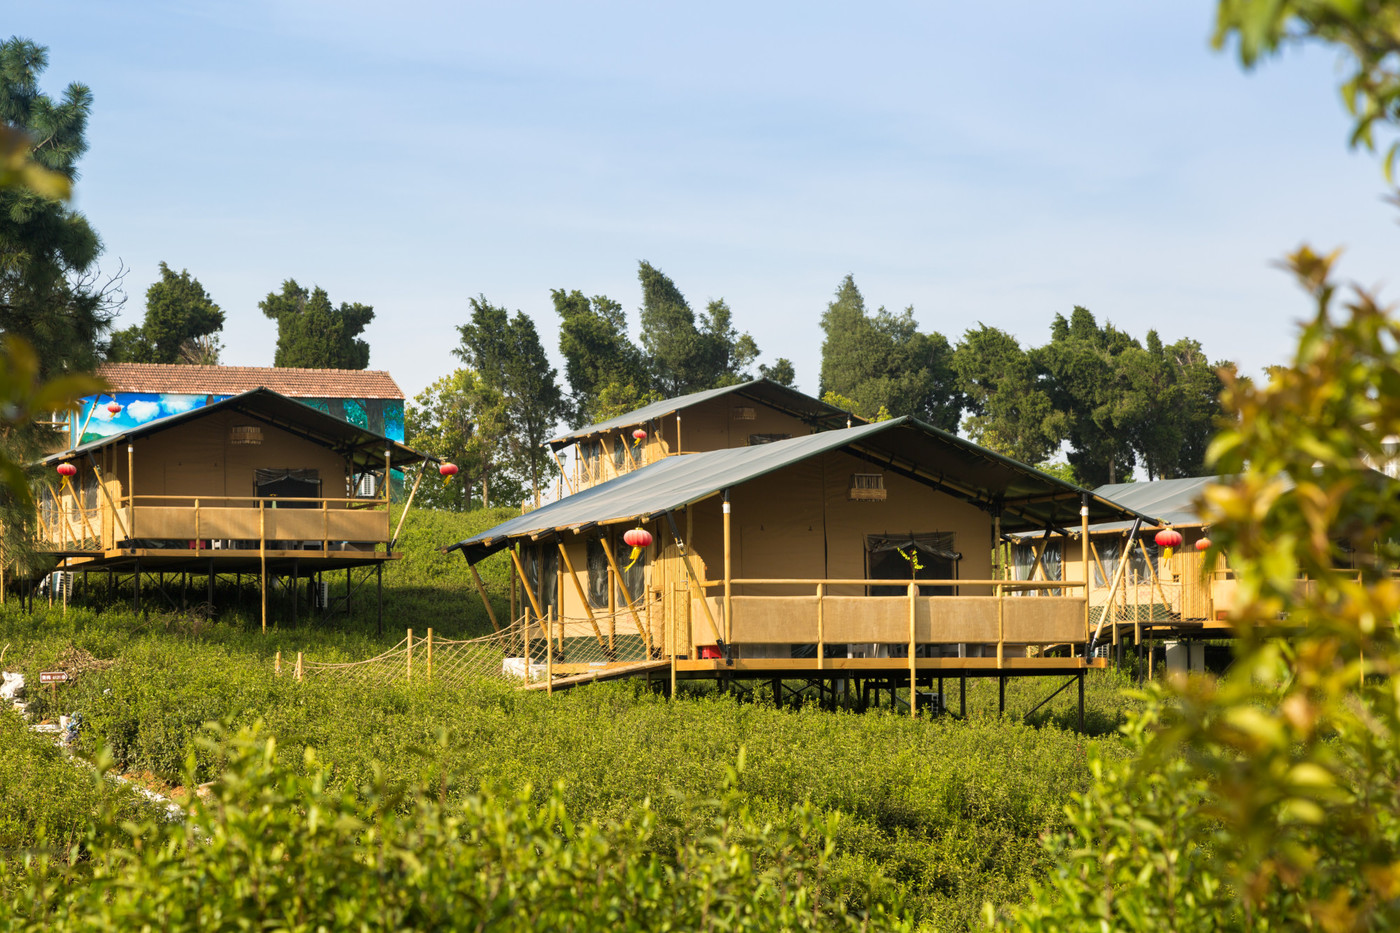 喜马拉雅野奢帐篷酒店—江苏茅山宝盛园(二期)2